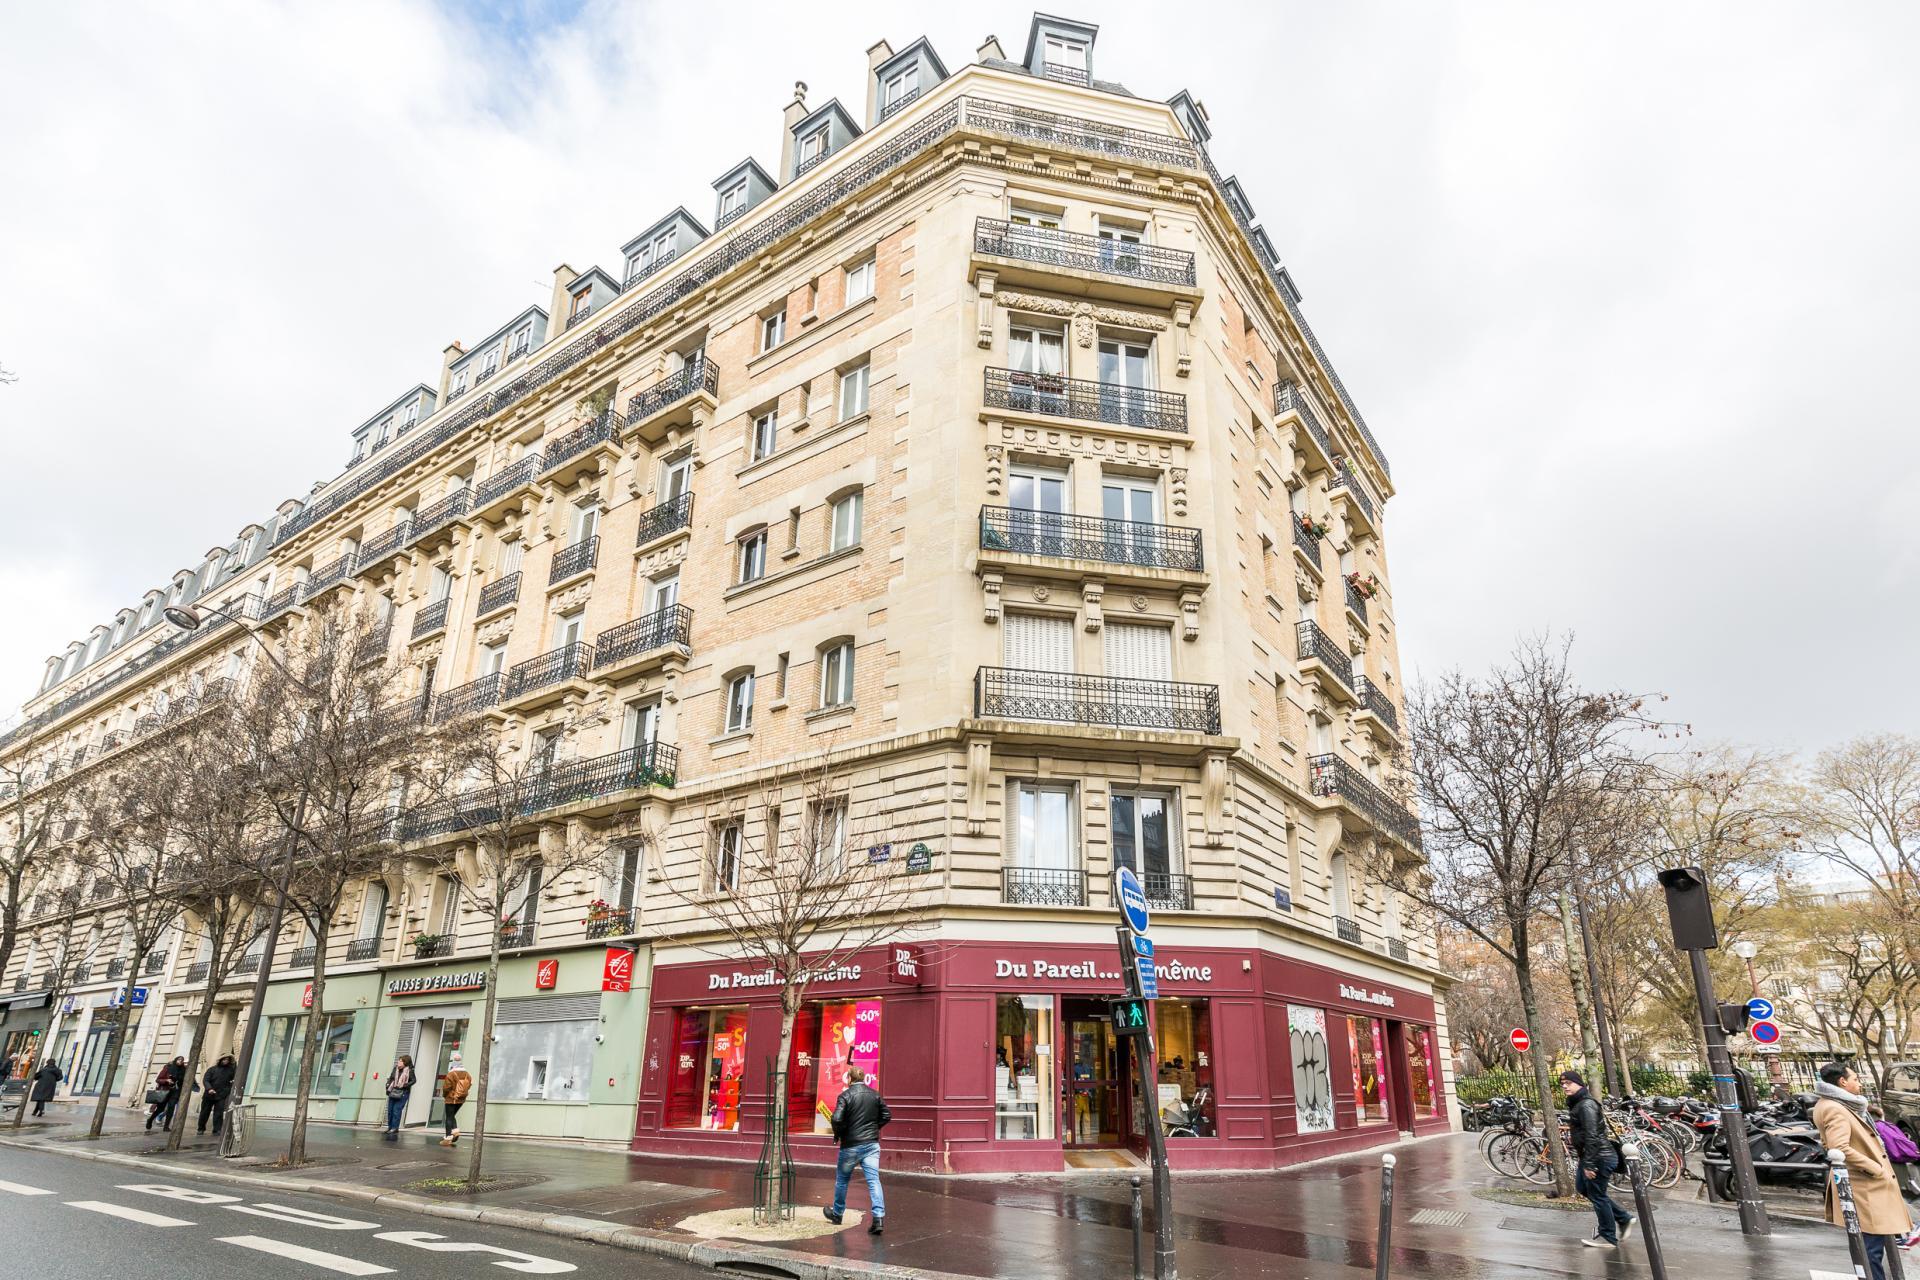 PARIS 18EME - MAIRIE DU 18EME / RUE ORDENER - APPARTEMENT DERNIER ETAGE DEUX CHAMBRES